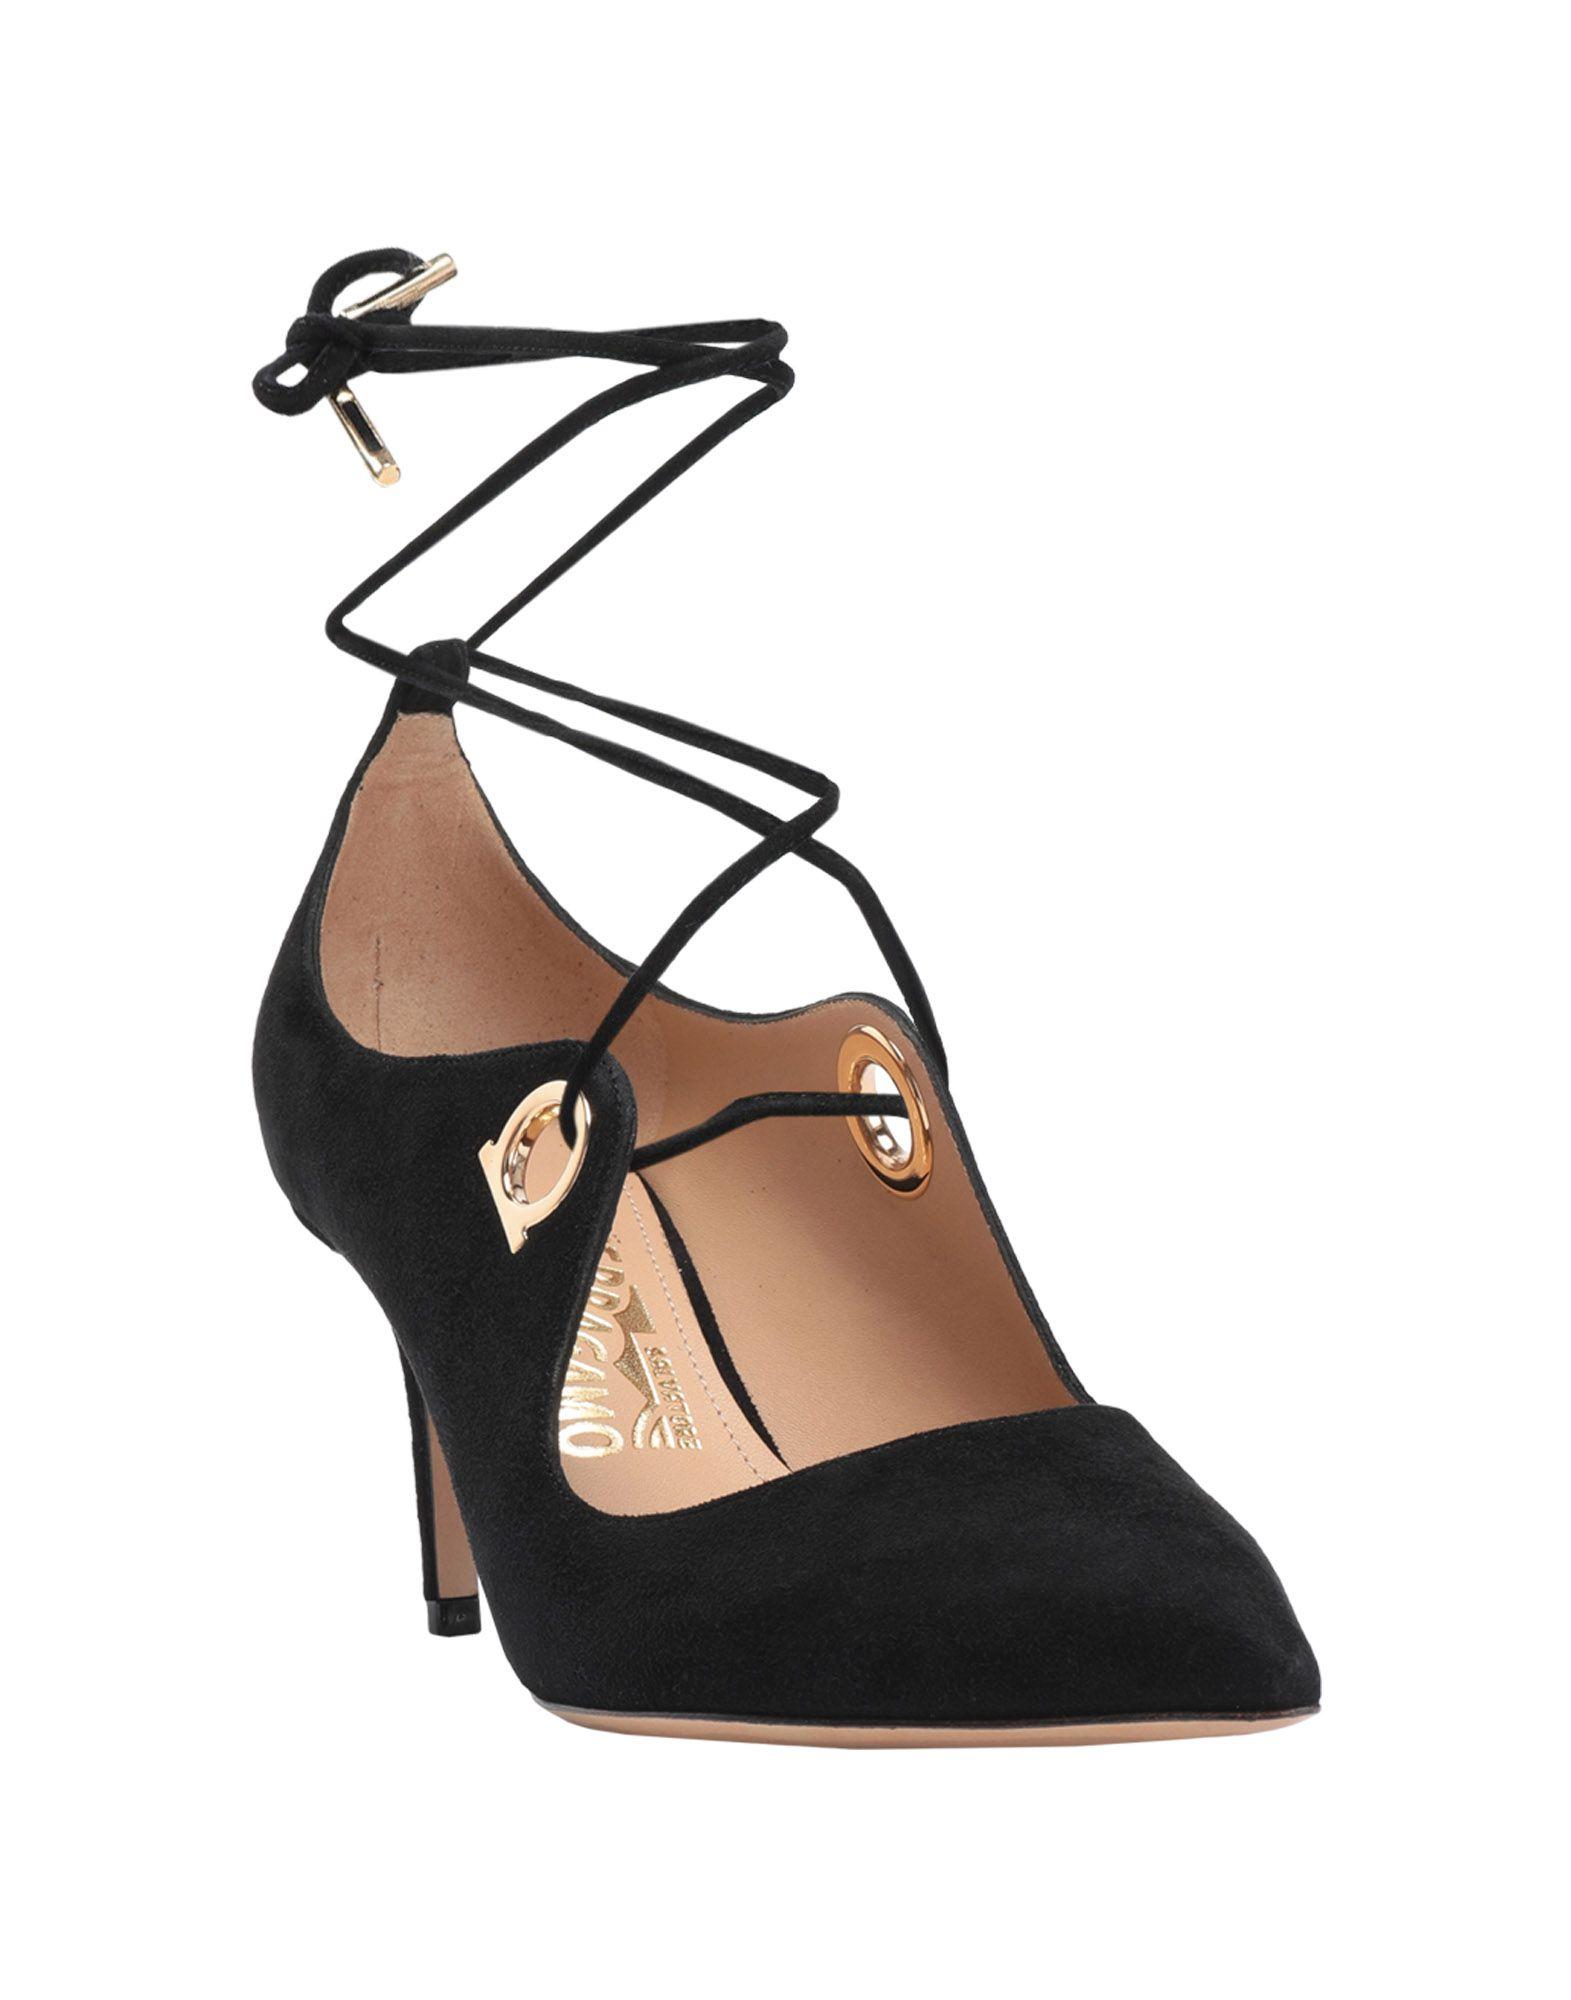 Salvatore Ferragamo Pumps Schuhe Damen  11516364TG Neue Schuhe Pumps 2a4874